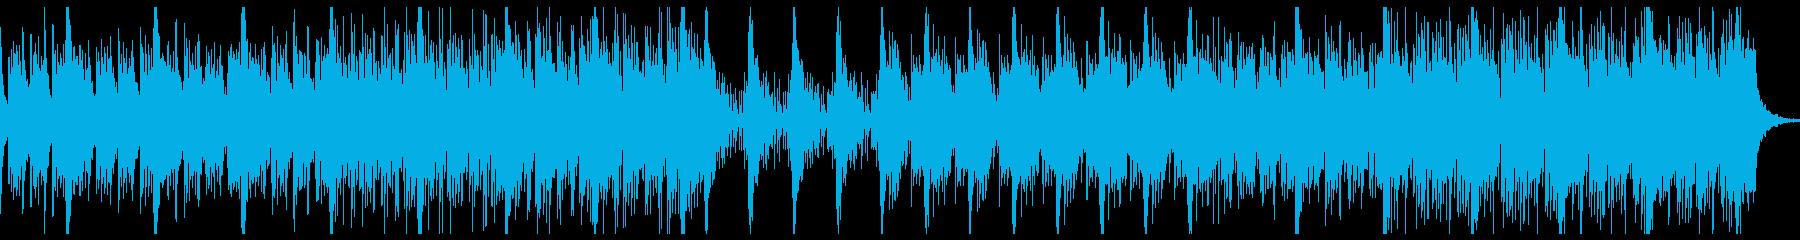 打楽器が強調されたスリリングなBGMの再生済みの波形